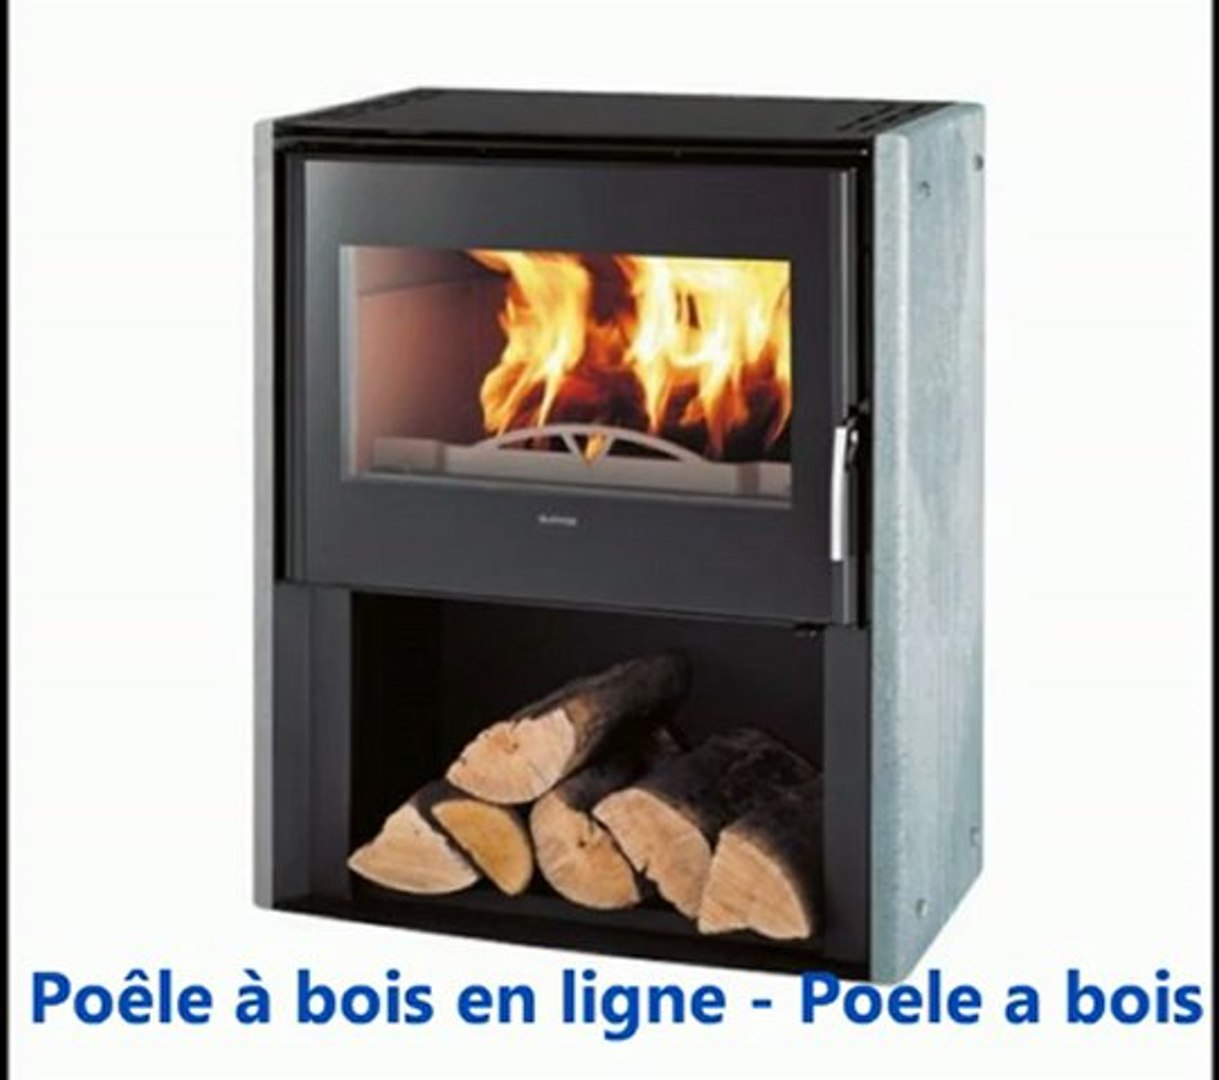 Poele a bois, Poele-a-bois-en-ligne Tel : 01.69.04.80.06 Vente poeles à bois économiques et écologiq